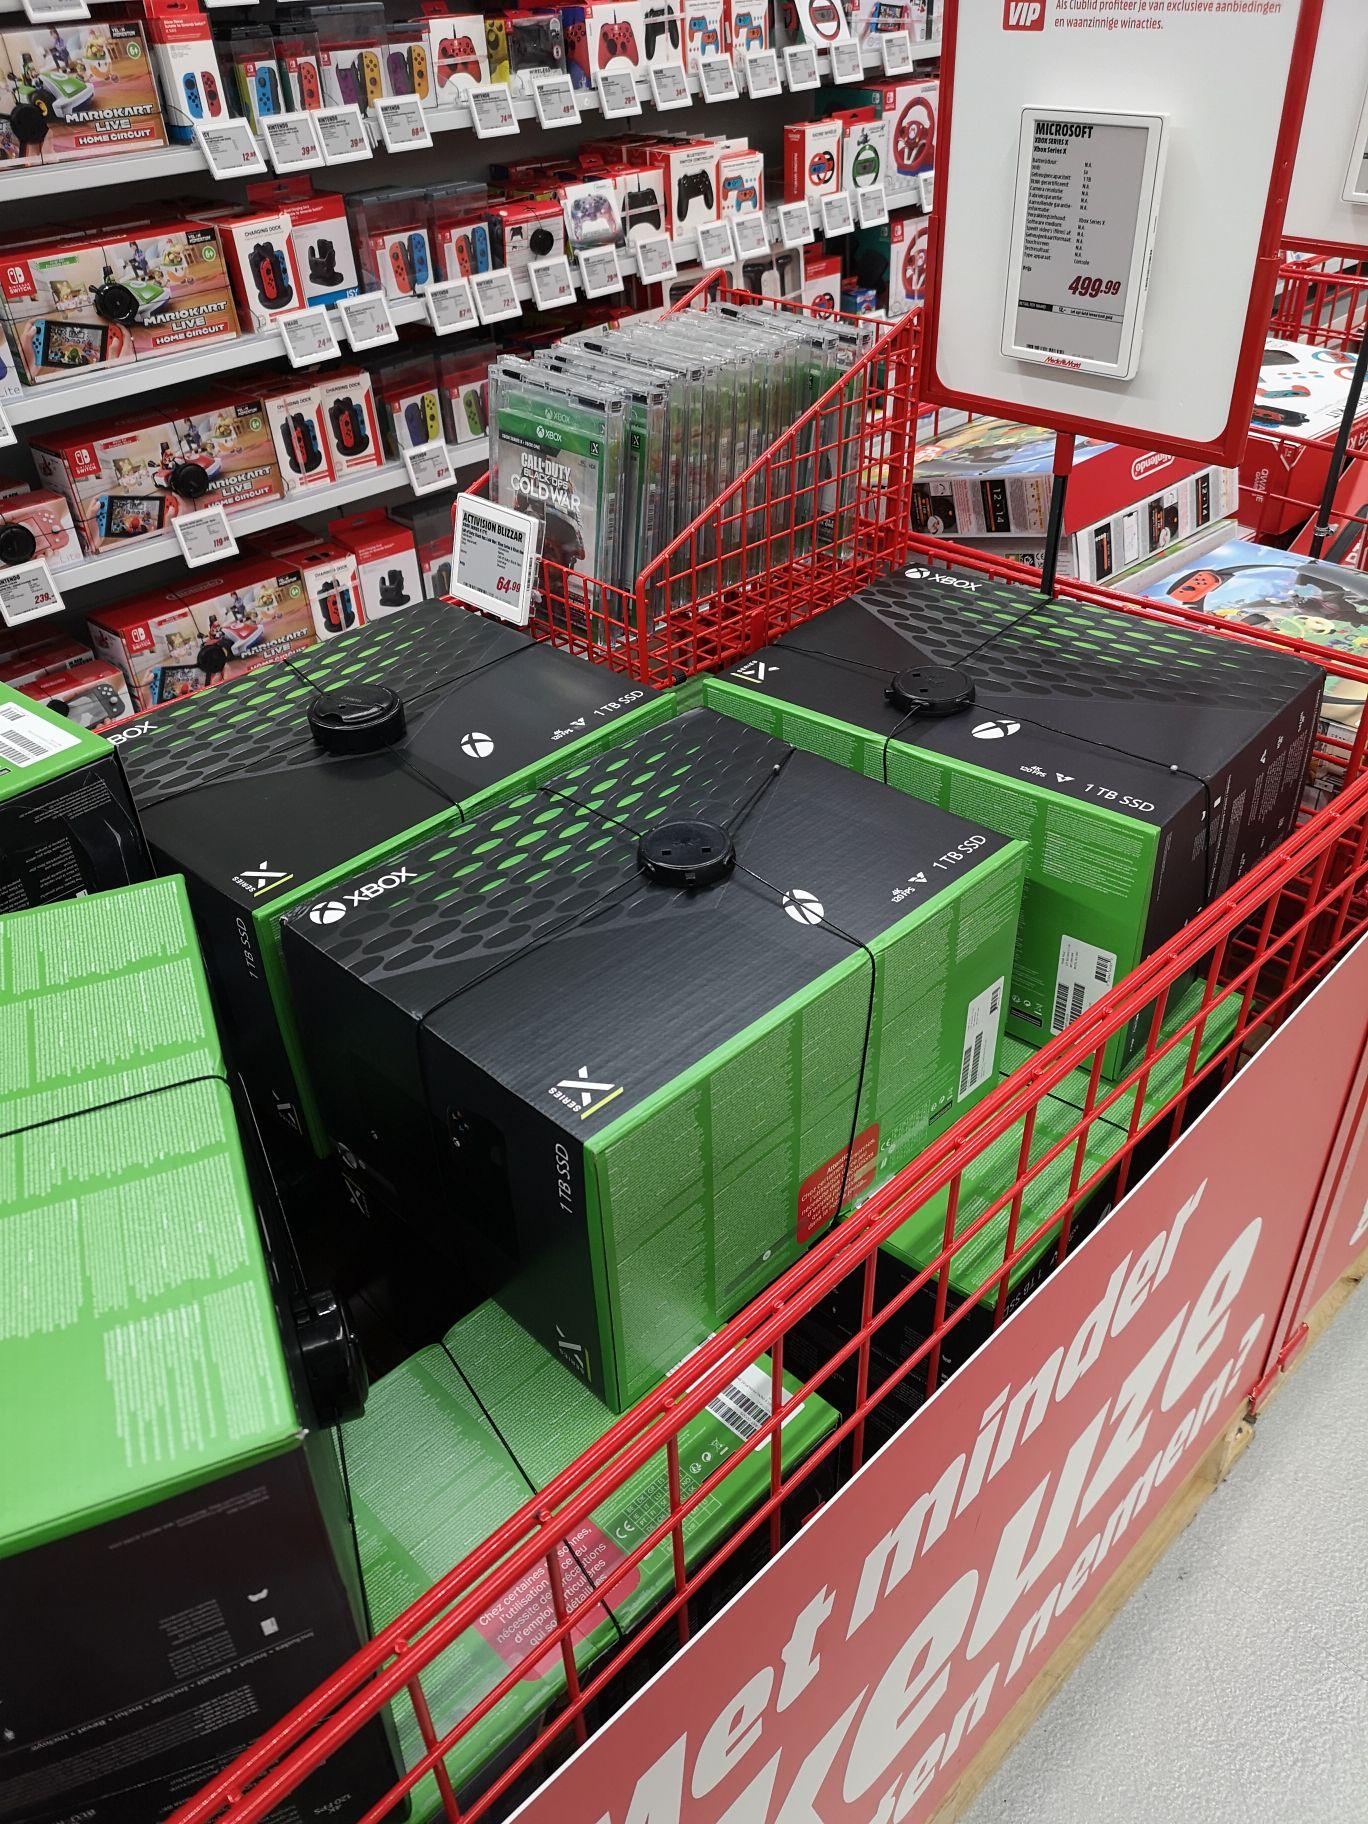 [lokaal] [uitverkocht] Xbox series X @MediaMarkt Groningen Centrum